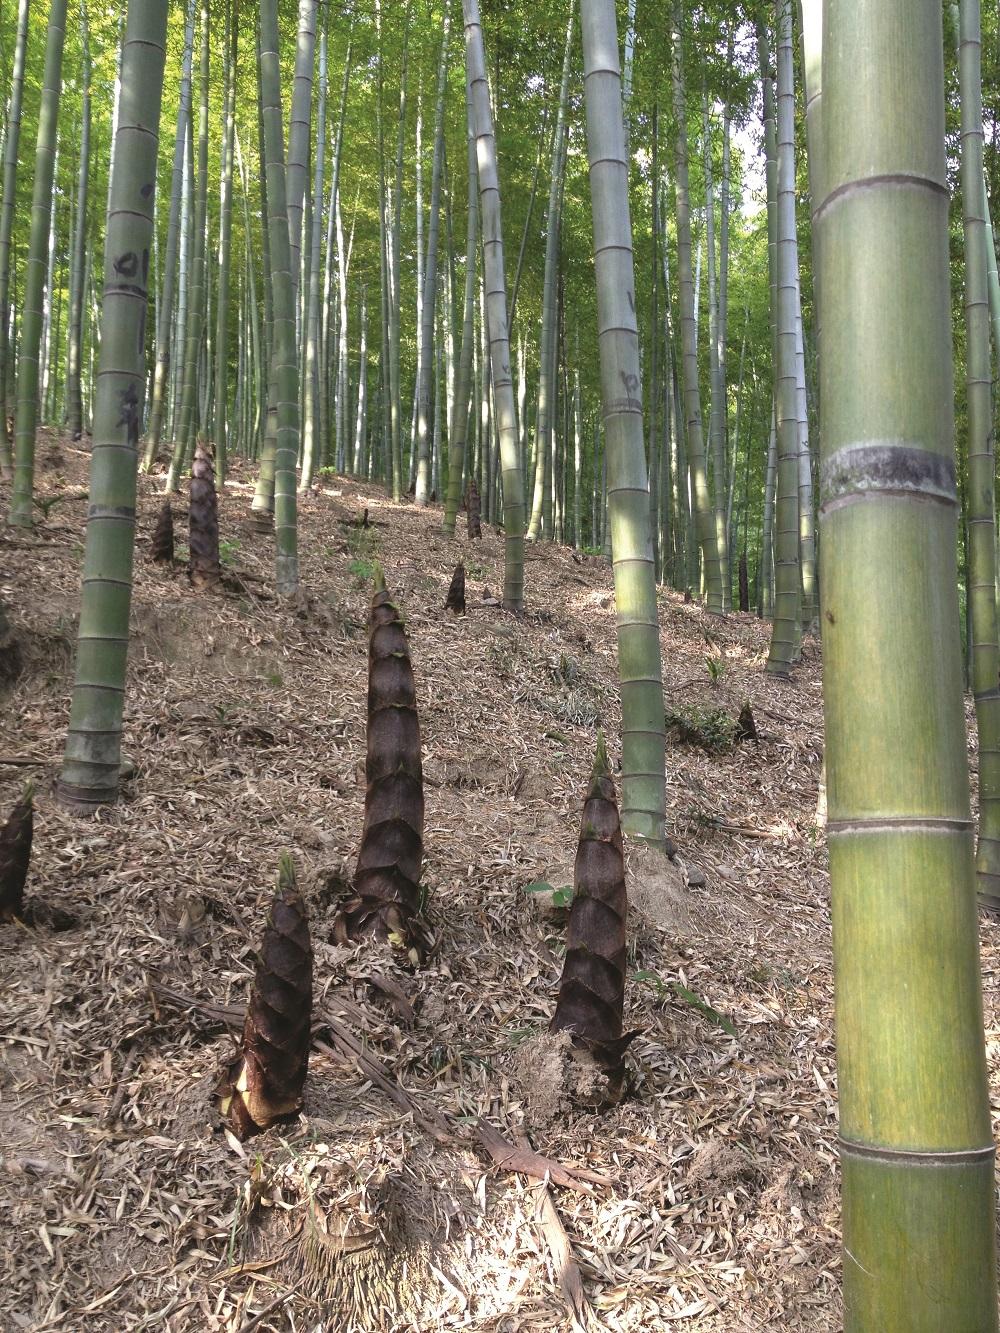 Vendita Piante Bambu Milano.Bambu Sotto Contratto Esotico E Sostenibile